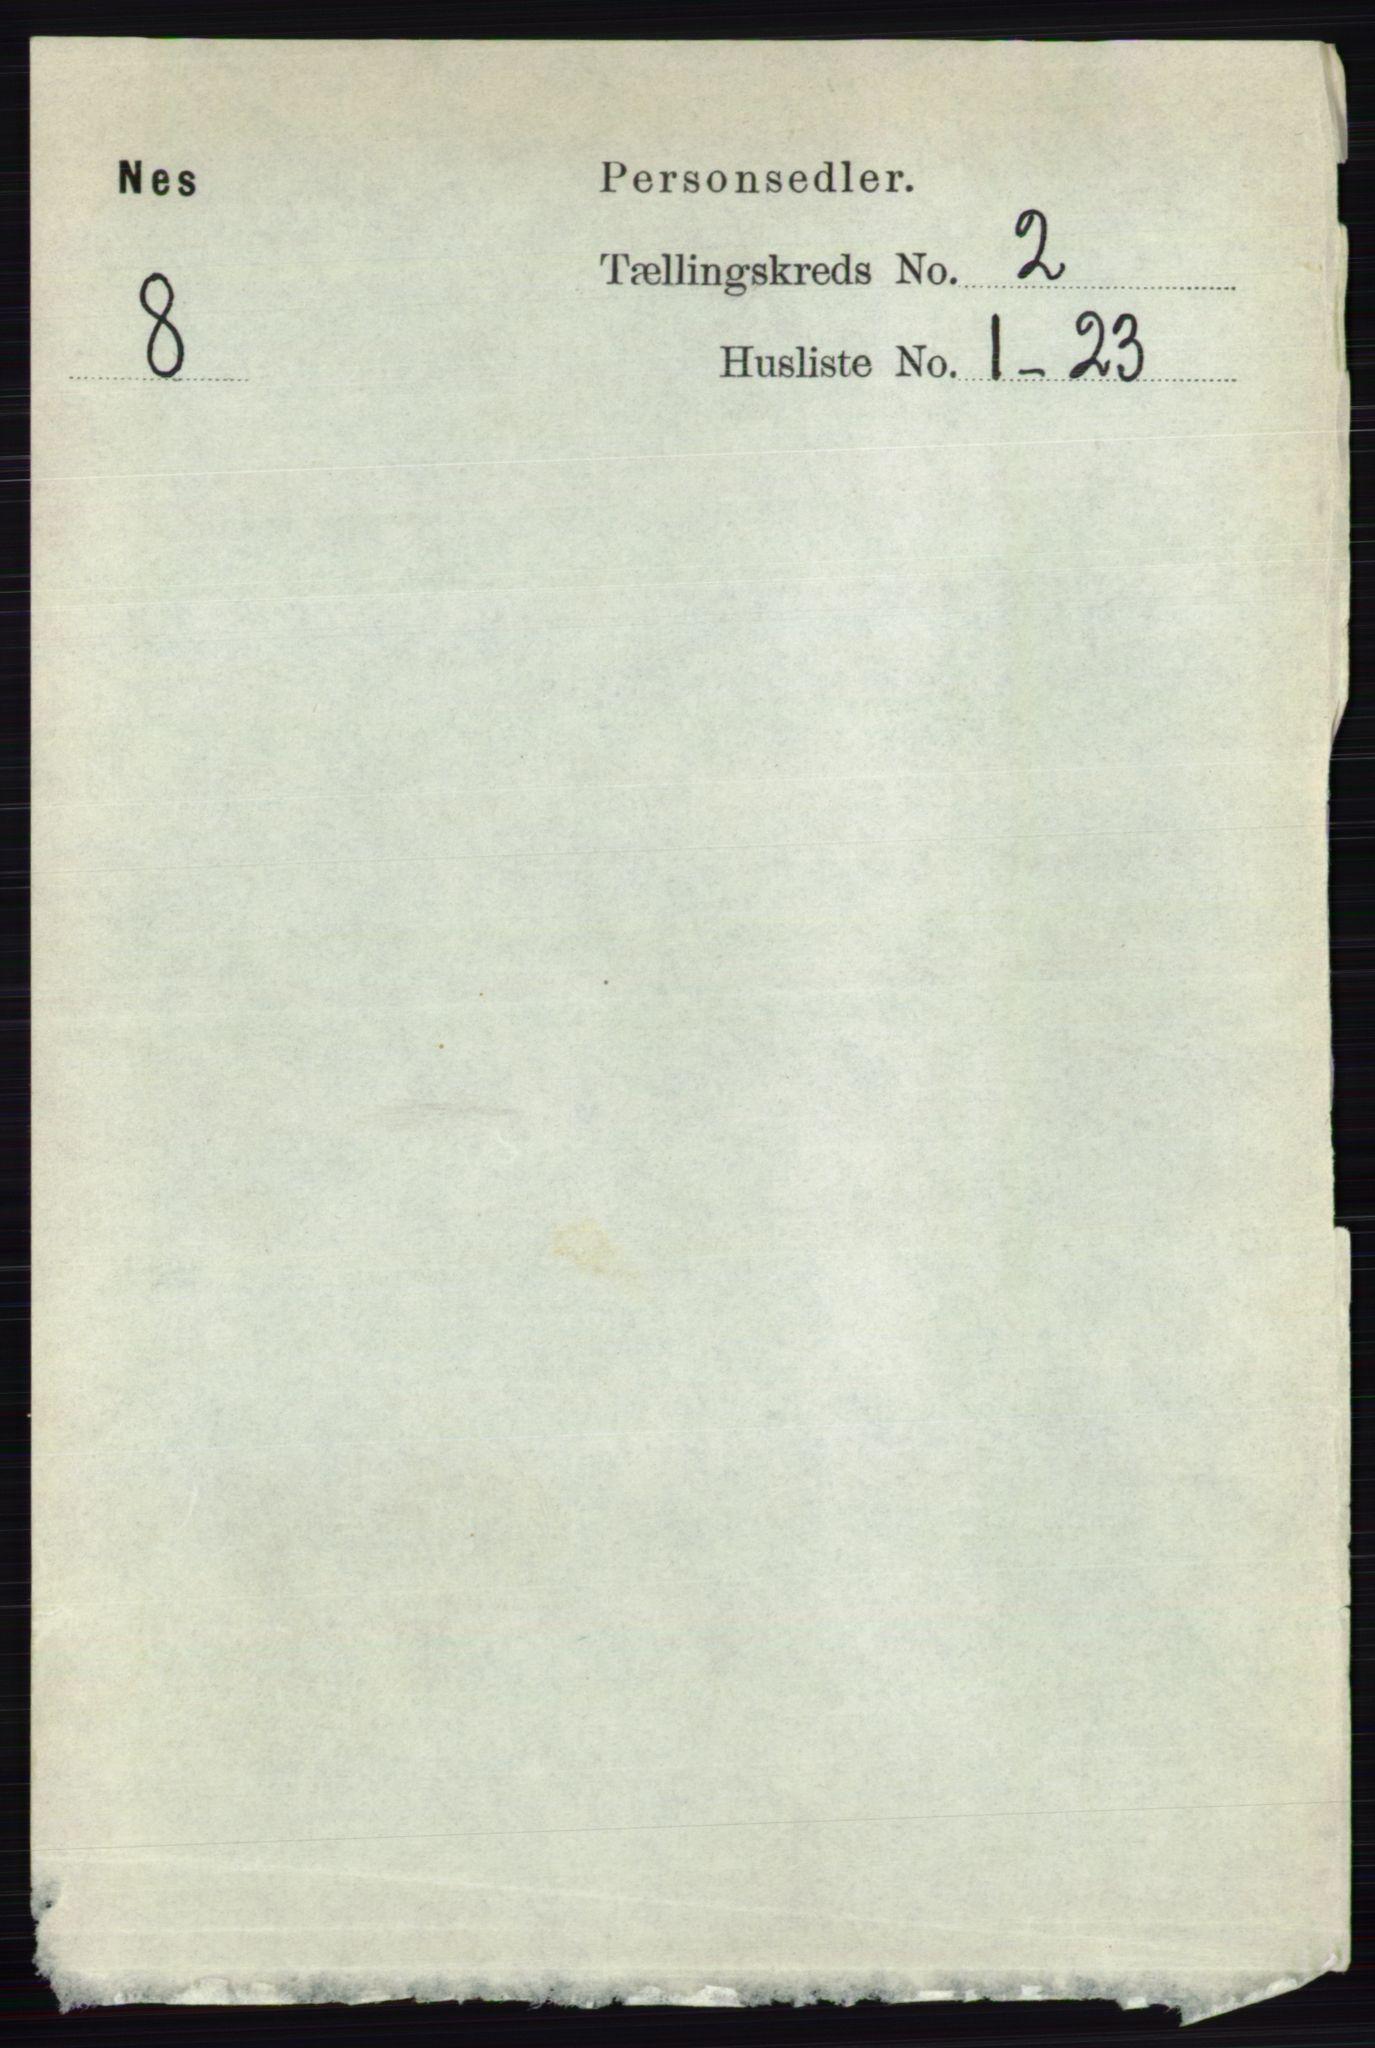 RA, Folketelling 1891 for 0236 Nes herred, 1891, s. 938